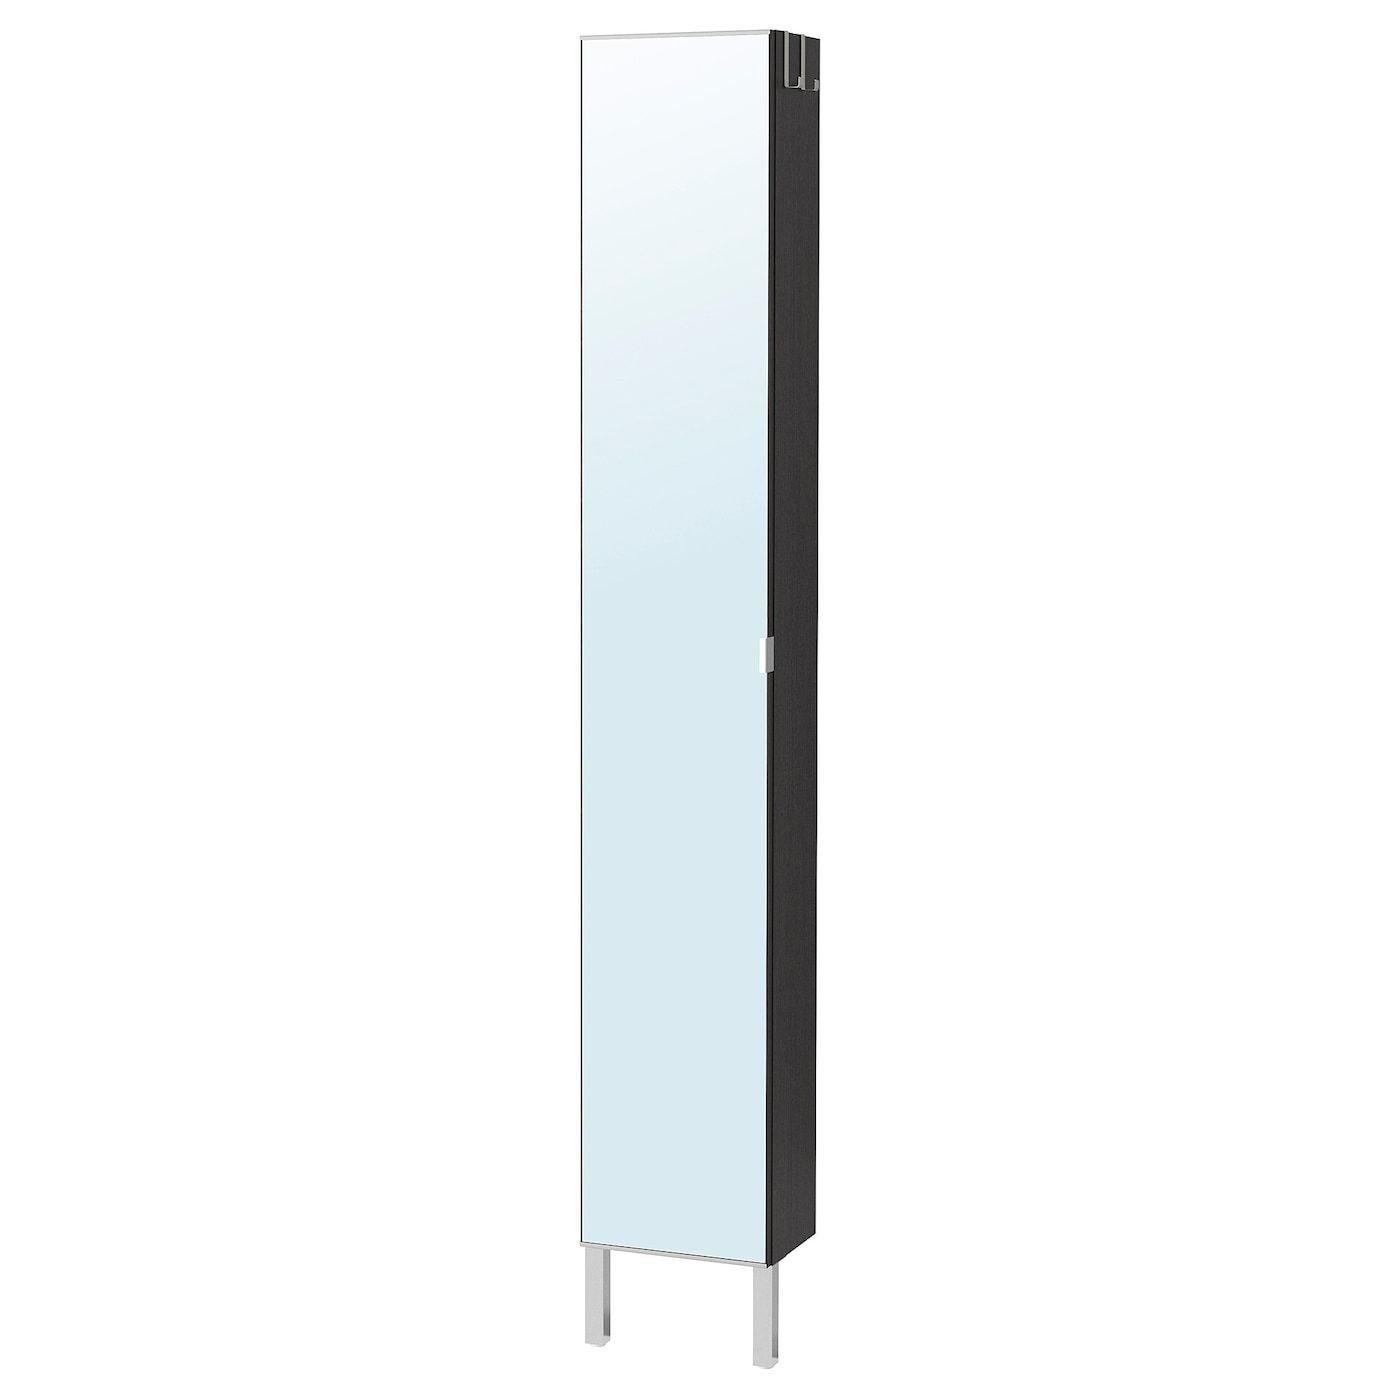 Lillangen Hoge Kast Met Spiegeldeur Zwartbruin 30x21x194 Cm Tall Mirrored Bathroom Cabinet Mirror Door Bathroom Mirror Cabinet